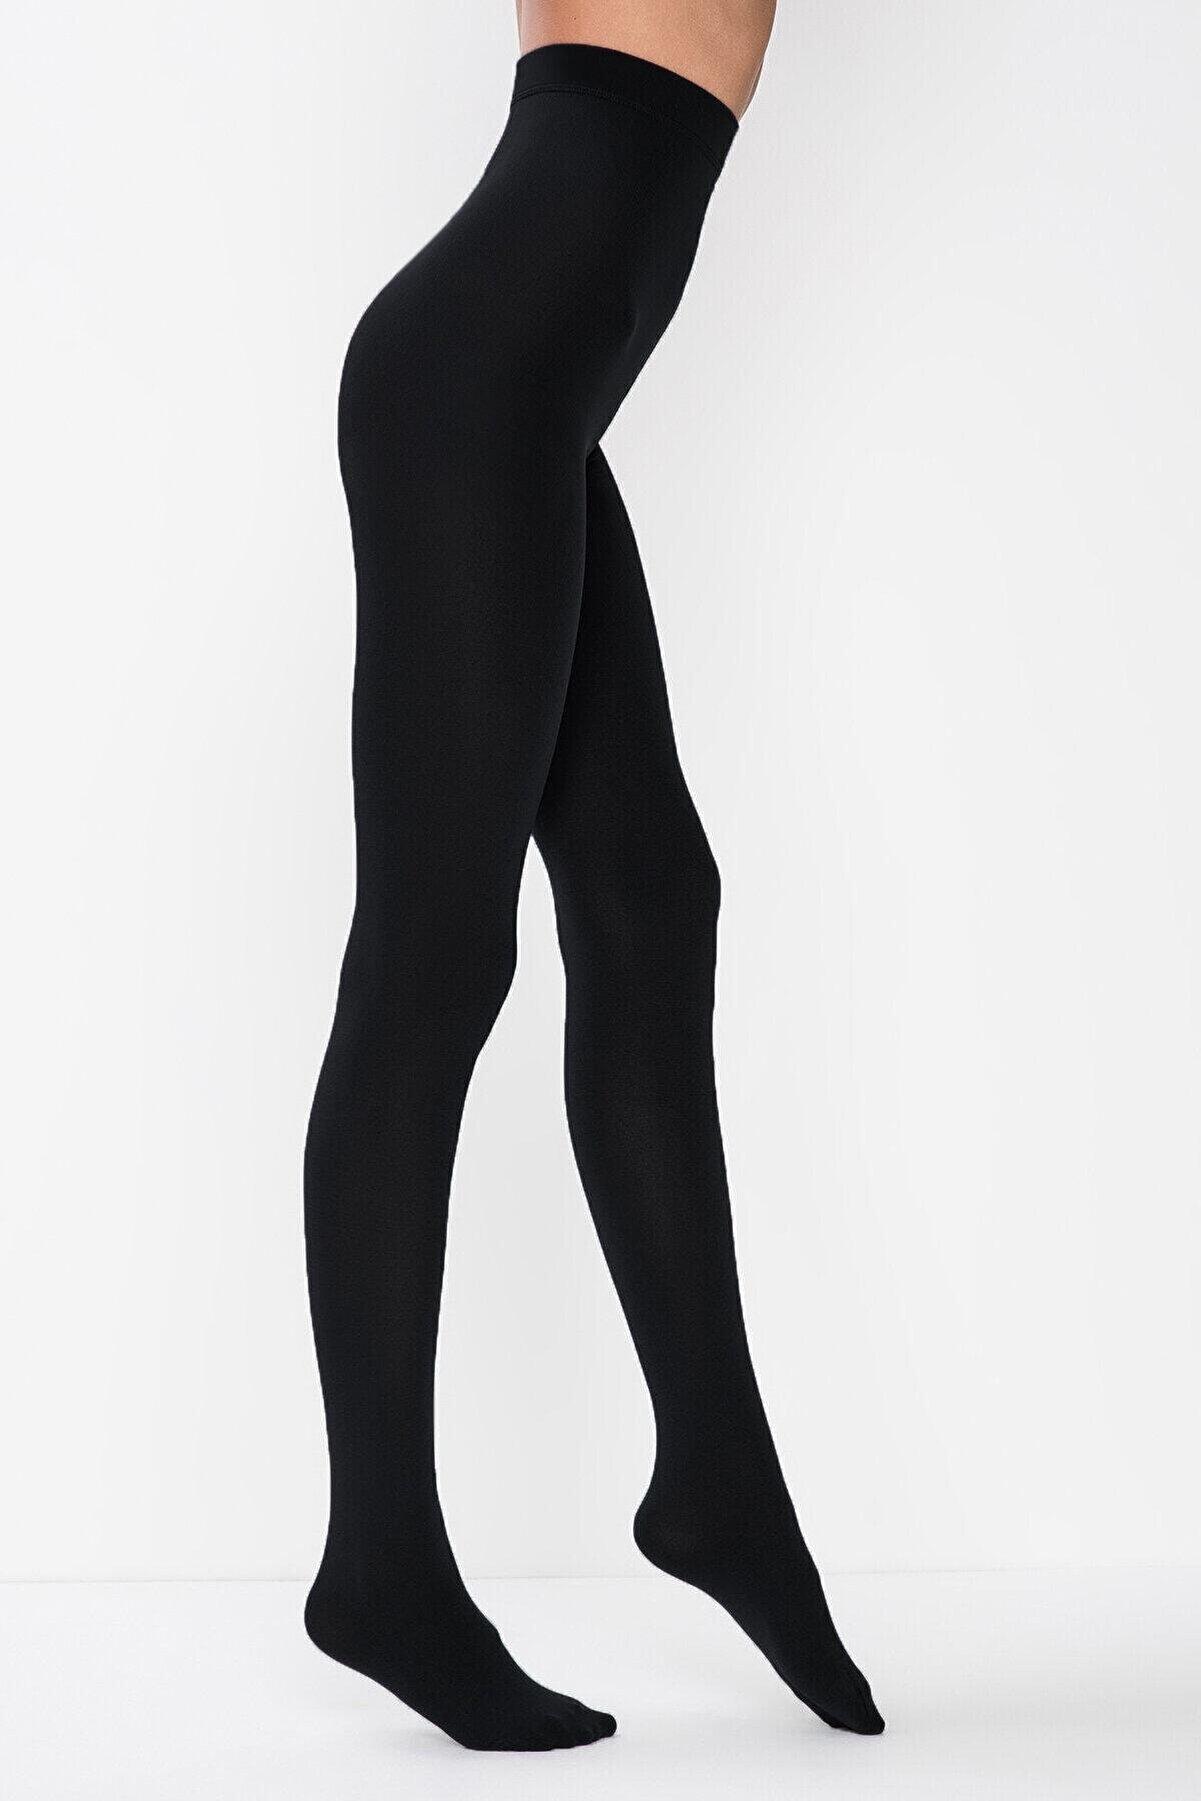 Penti Kadın Siyah Termal Külotlu Çorap